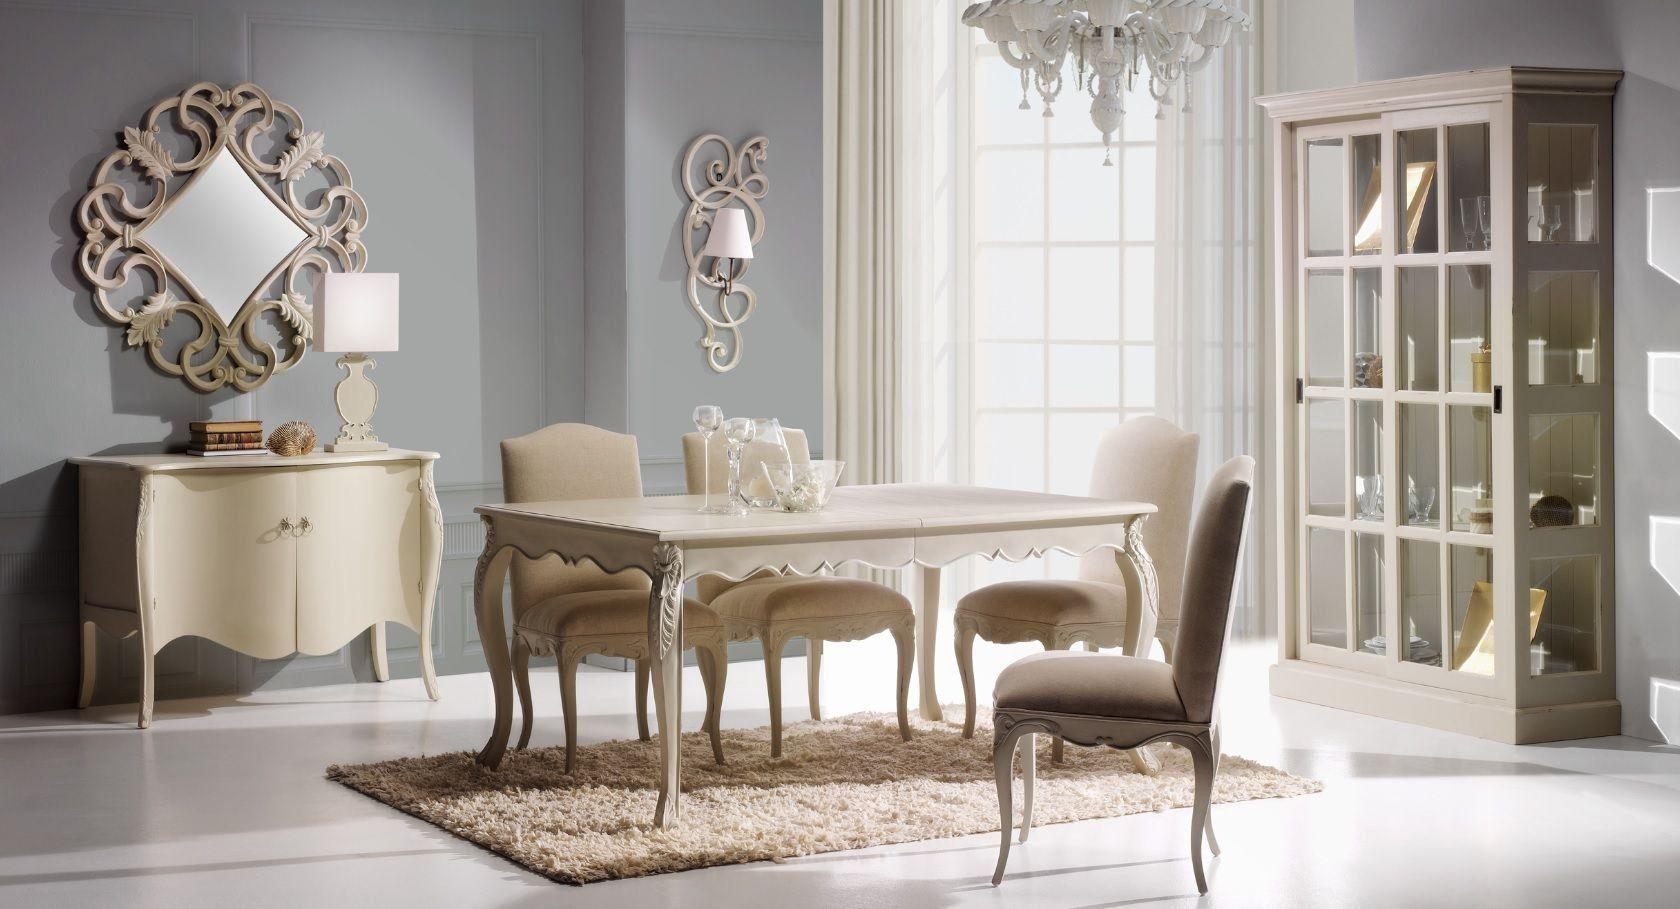 Comedor Vintage Blanco Sansa en Ámbar Muebles | muebles provenzal ...